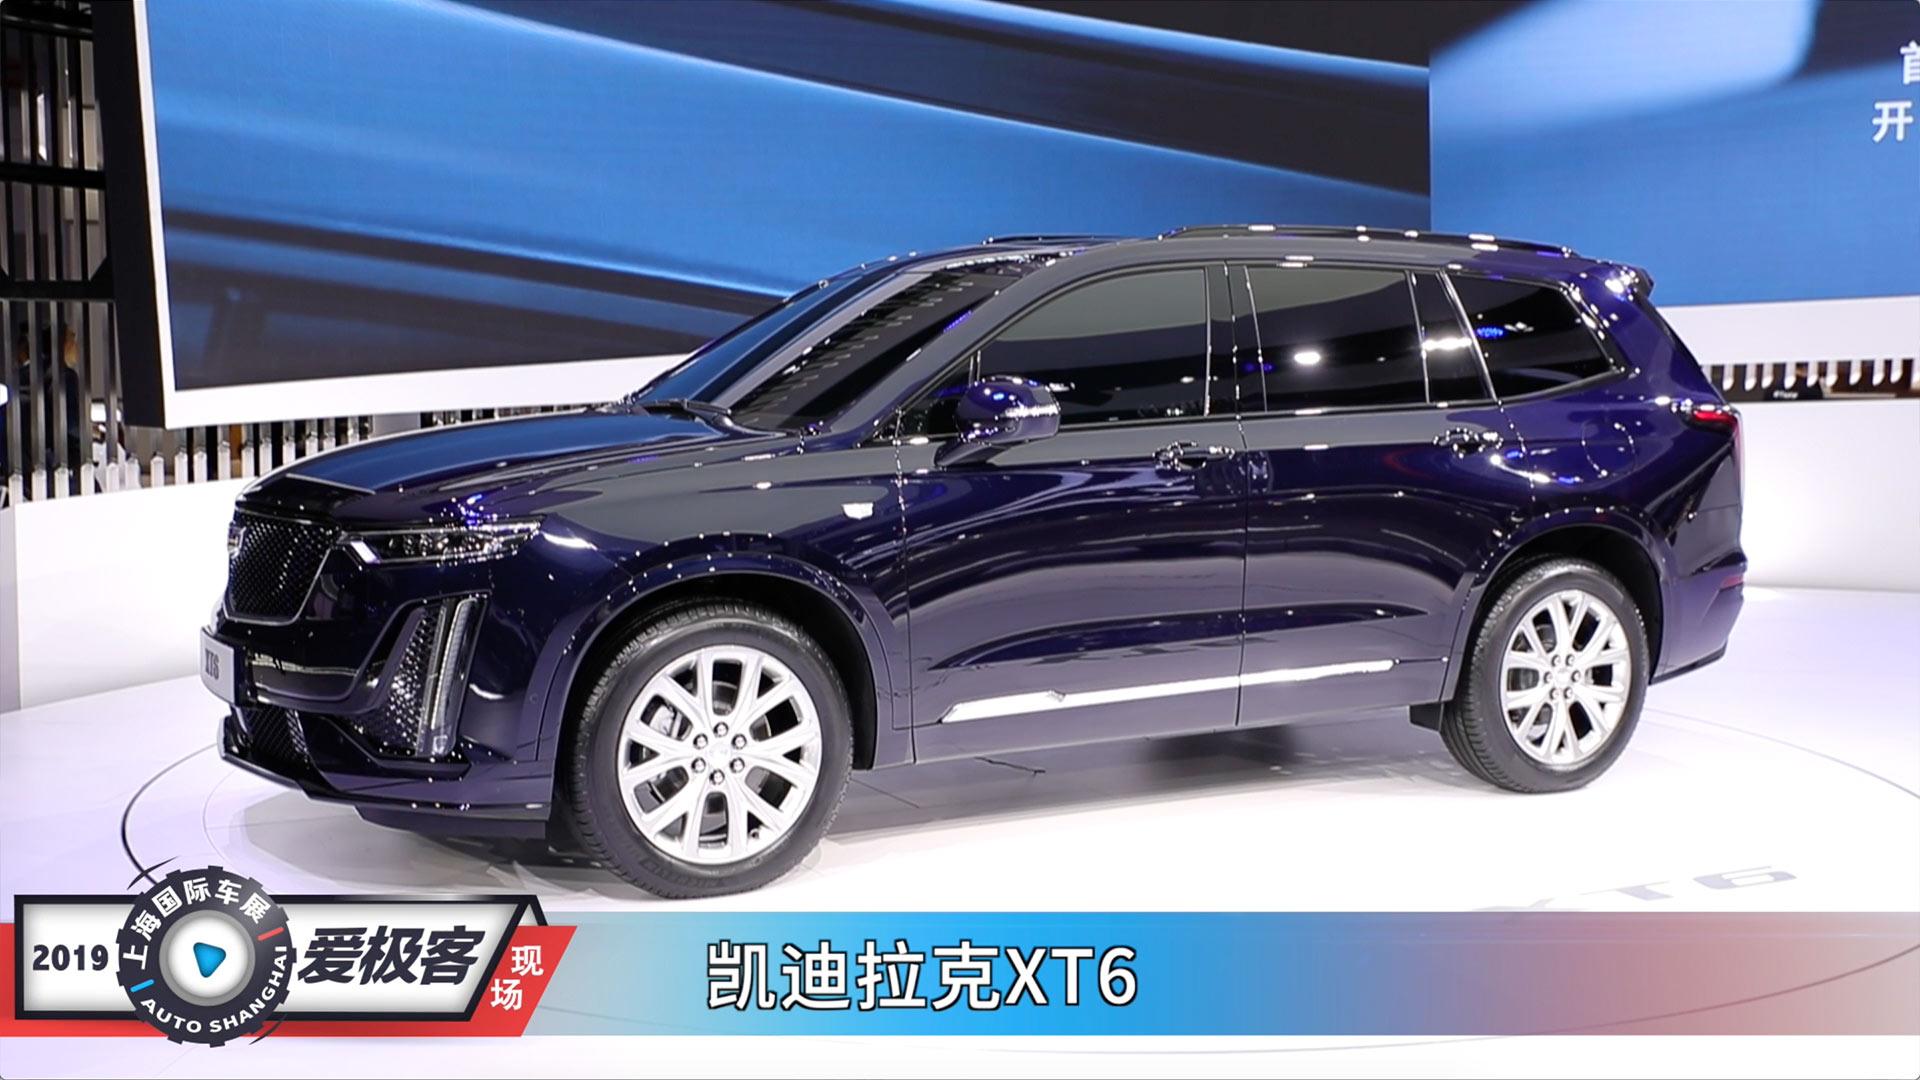 比X5还长的7座SUV 上海车展体验凯迪拉克XT6